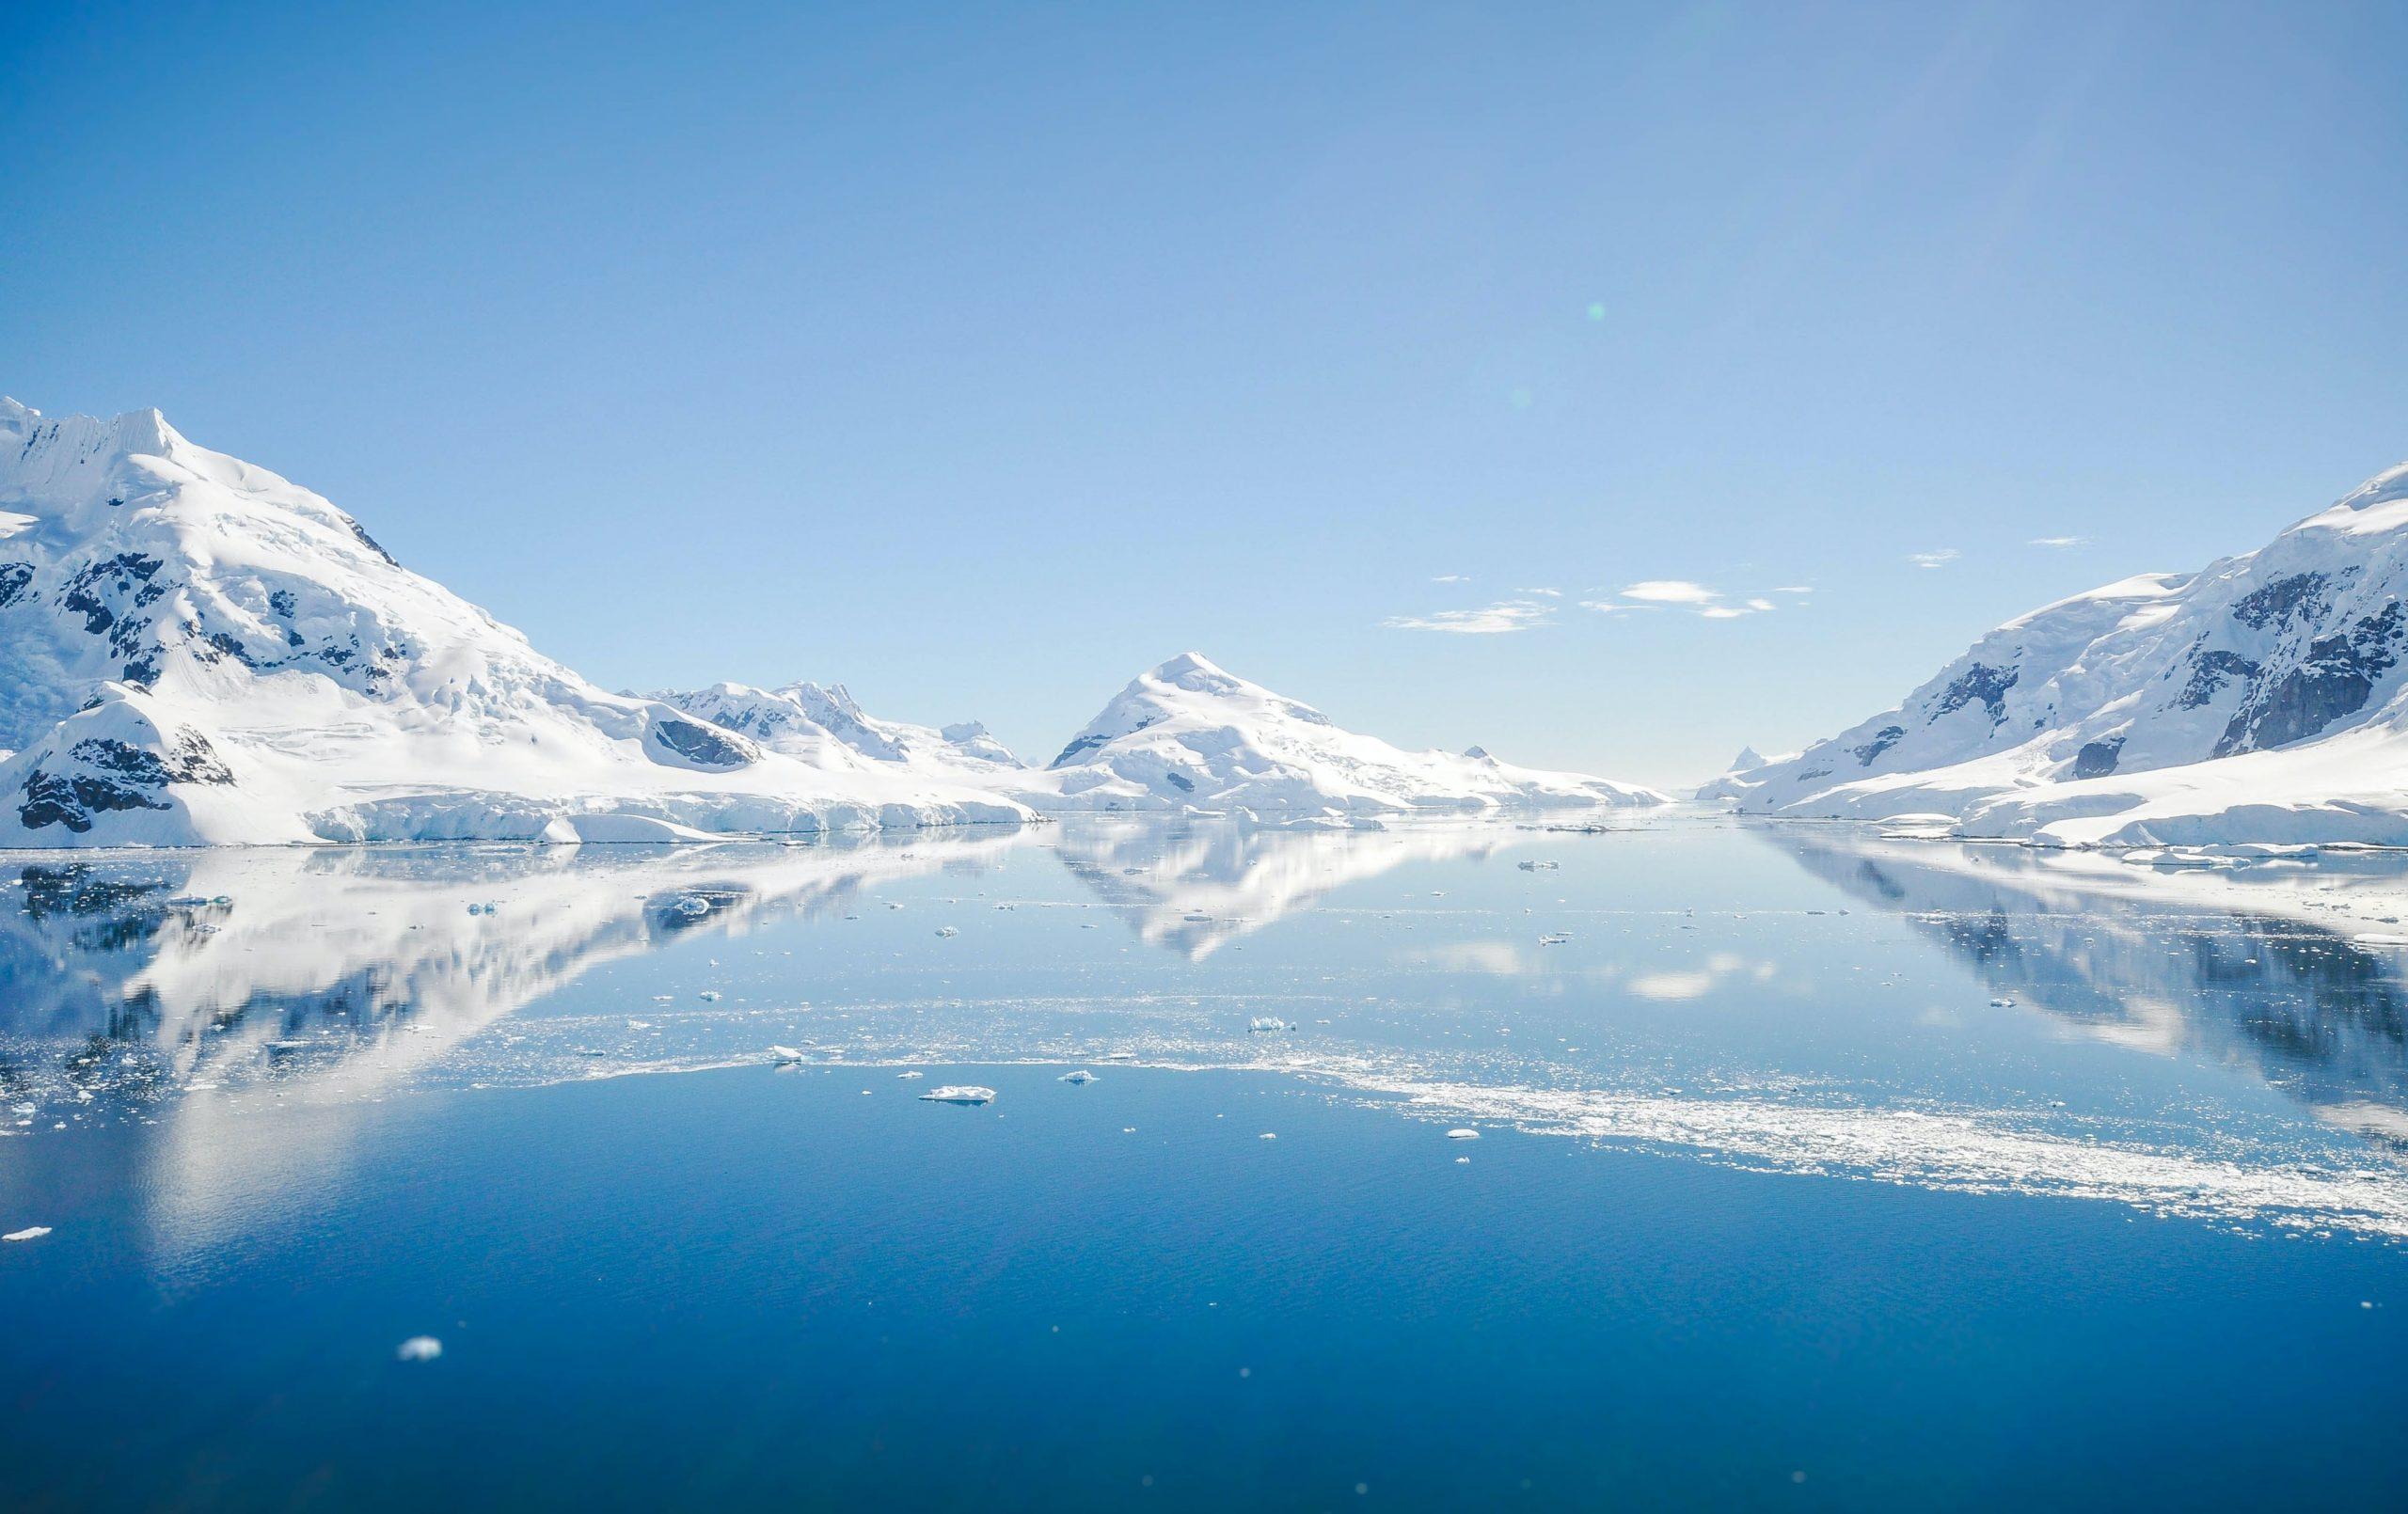 La carte très déroutante qui montre qu'en Antarctique, le nord est dans toutes les directions